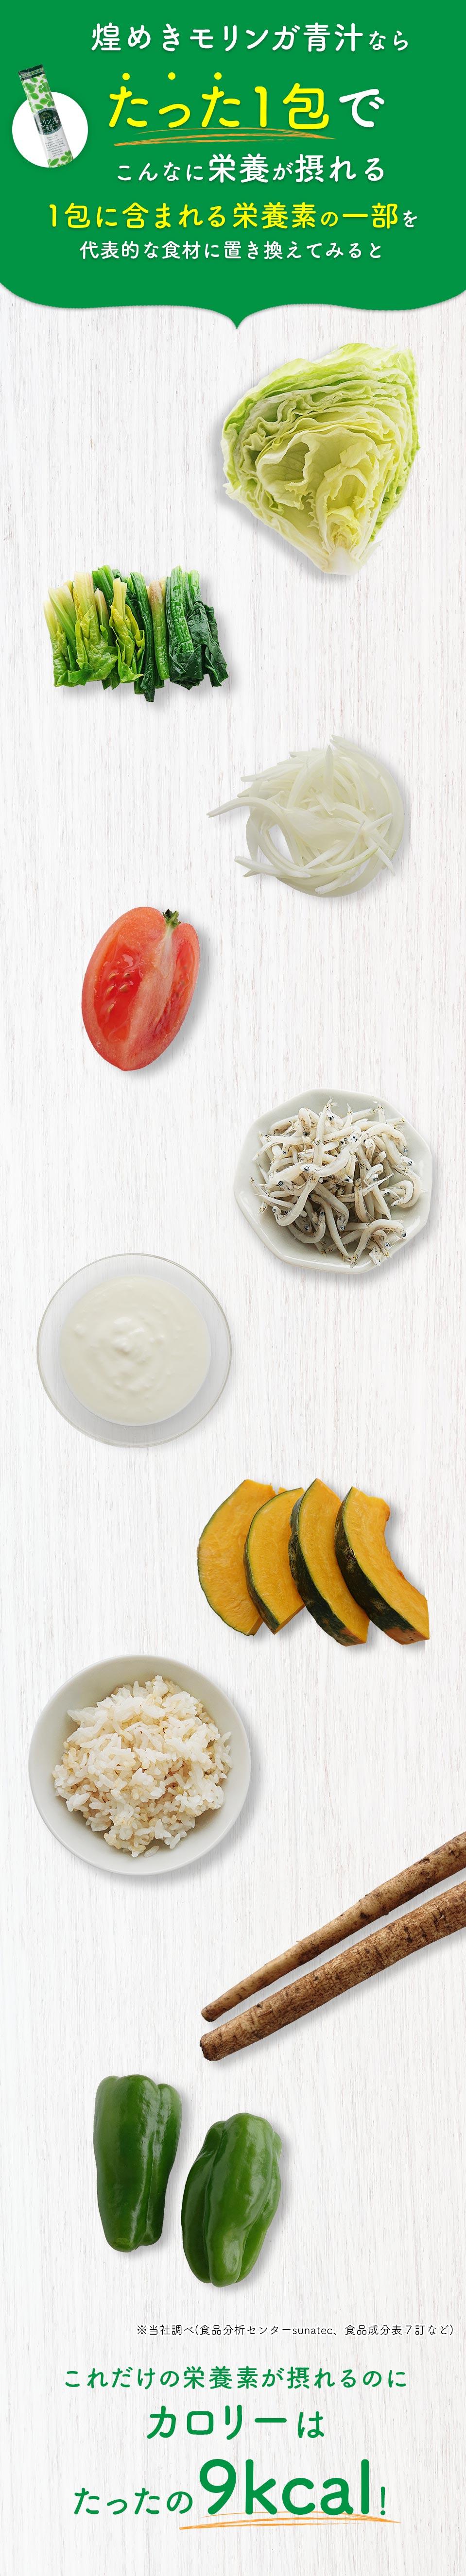 1包に含まれる栄養素の一部を 代表的な食材に置き換えてみると、食物繊維はレタス約1/4個分。鉄はほうれん草約30g分。ポリフェノールはたまねぎ約30g分。βカロチンはトマト約1/3個分。カルシウムはちりめんじゃこ約10g分。乳酸菌はヨーグルト約1kg分。ルテインはかぼちゃ約70g分。ギャバは発芽玄米約1善分。フラクトオリゴ糖はごぼう約1本分。ビタミンEはピーマン約2個分。